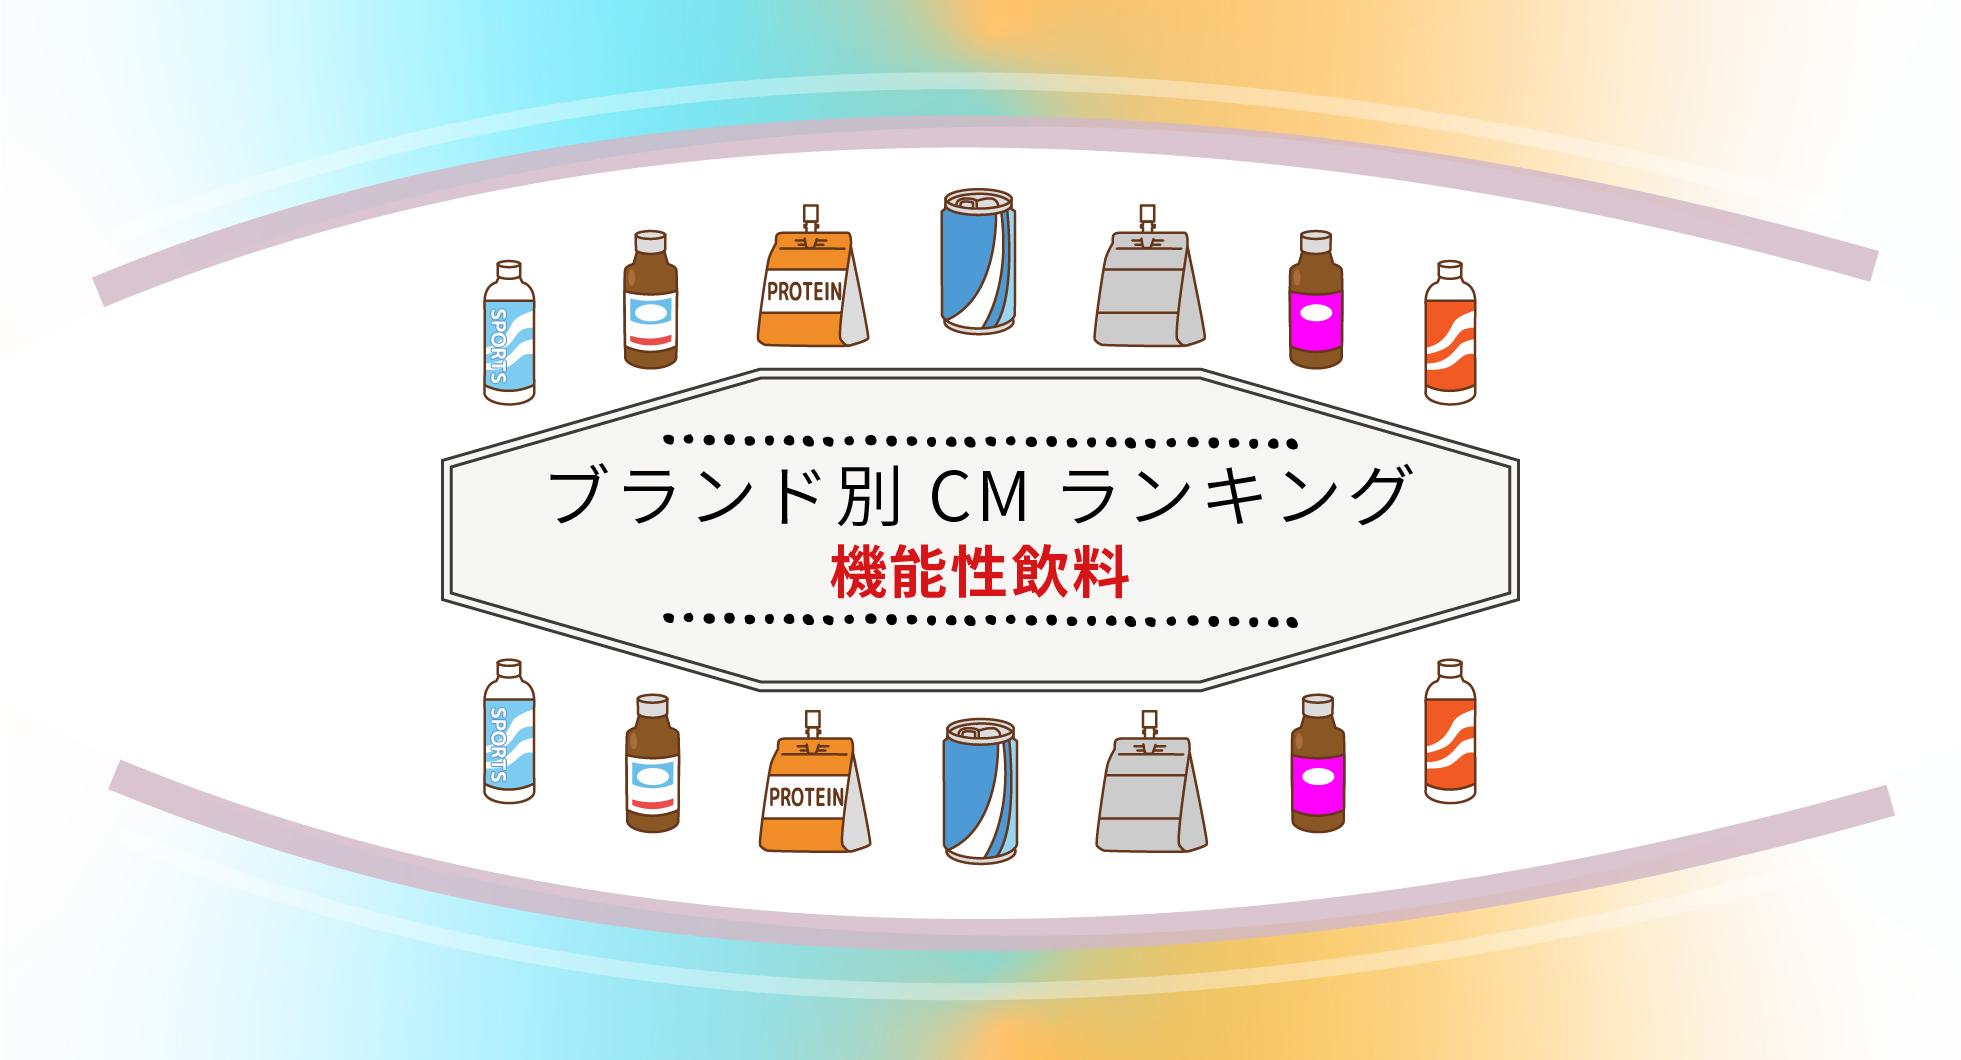 ブランド別 2019年CM視聴質ランキング(機能性飲料)